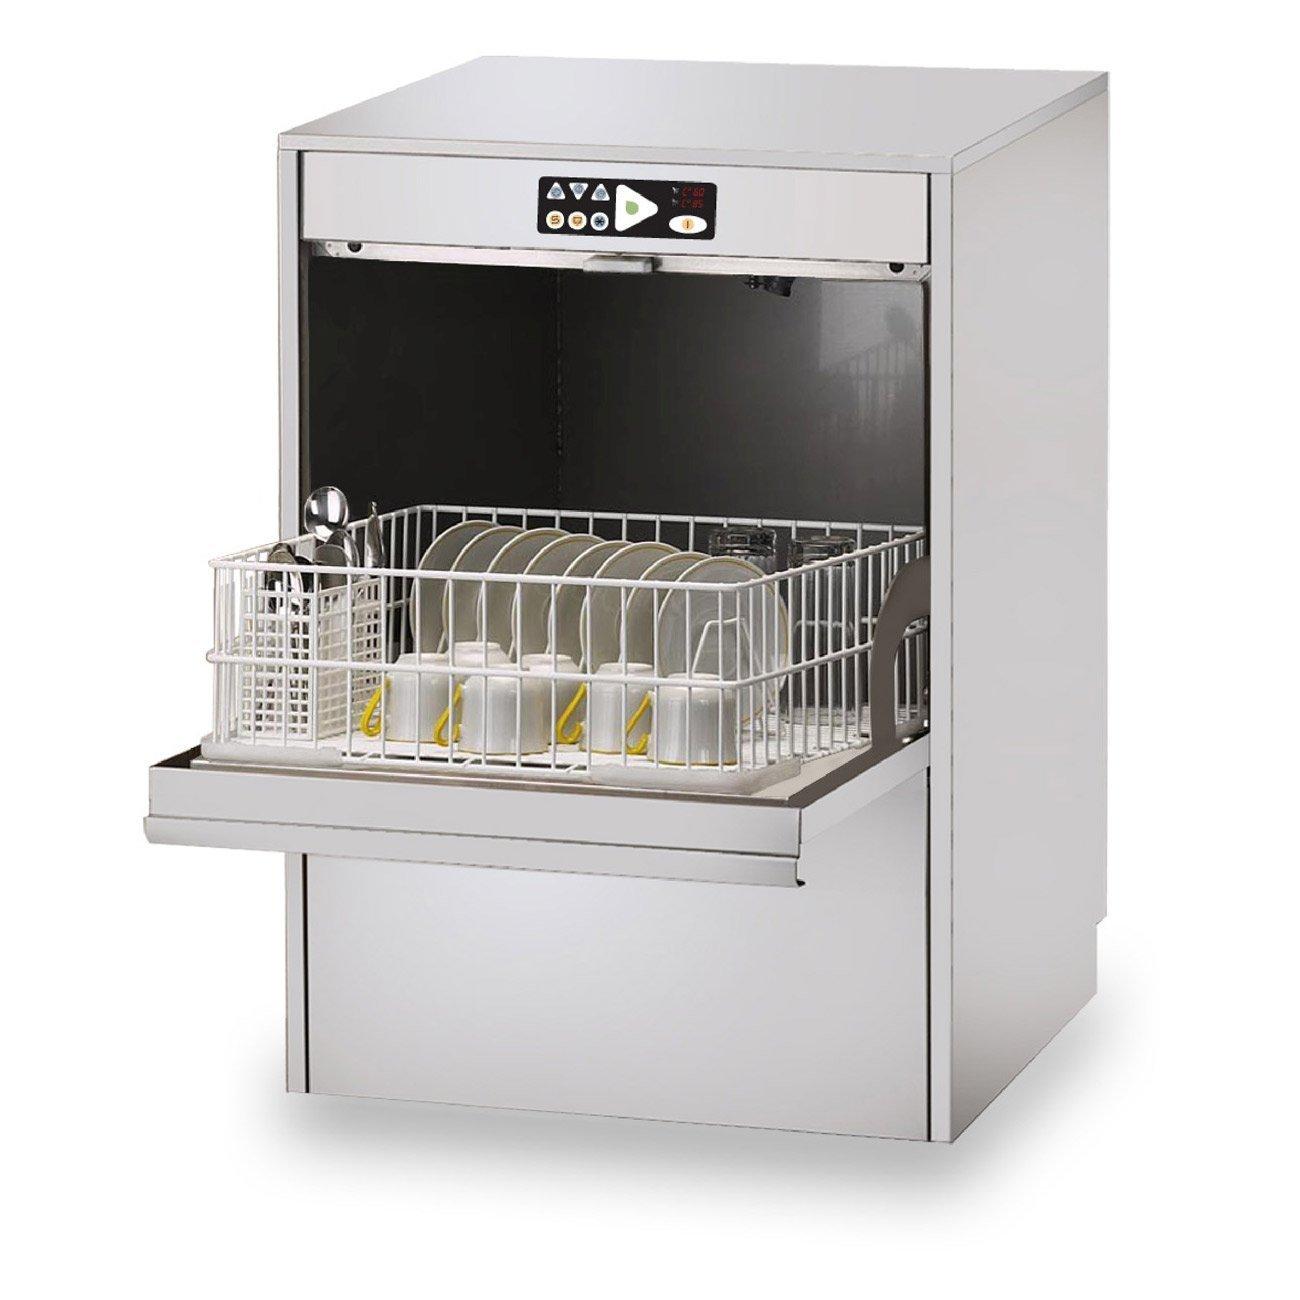 Küchenboden In Betonoptik: Edelstahl Waschbecken Küche